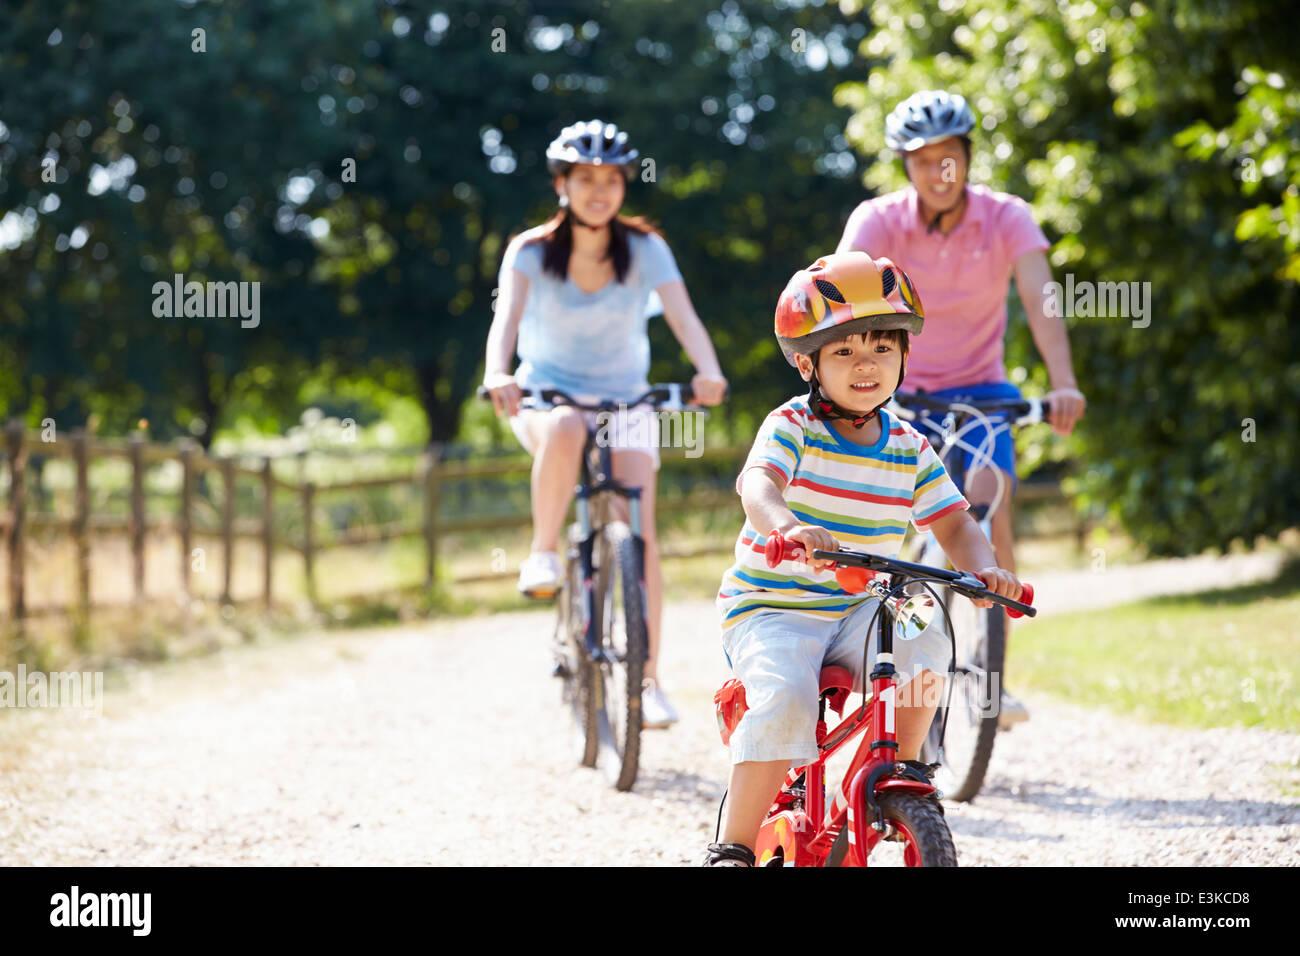 Asiatischen Familie auf Fahrradtour In Landschaft Stockbild